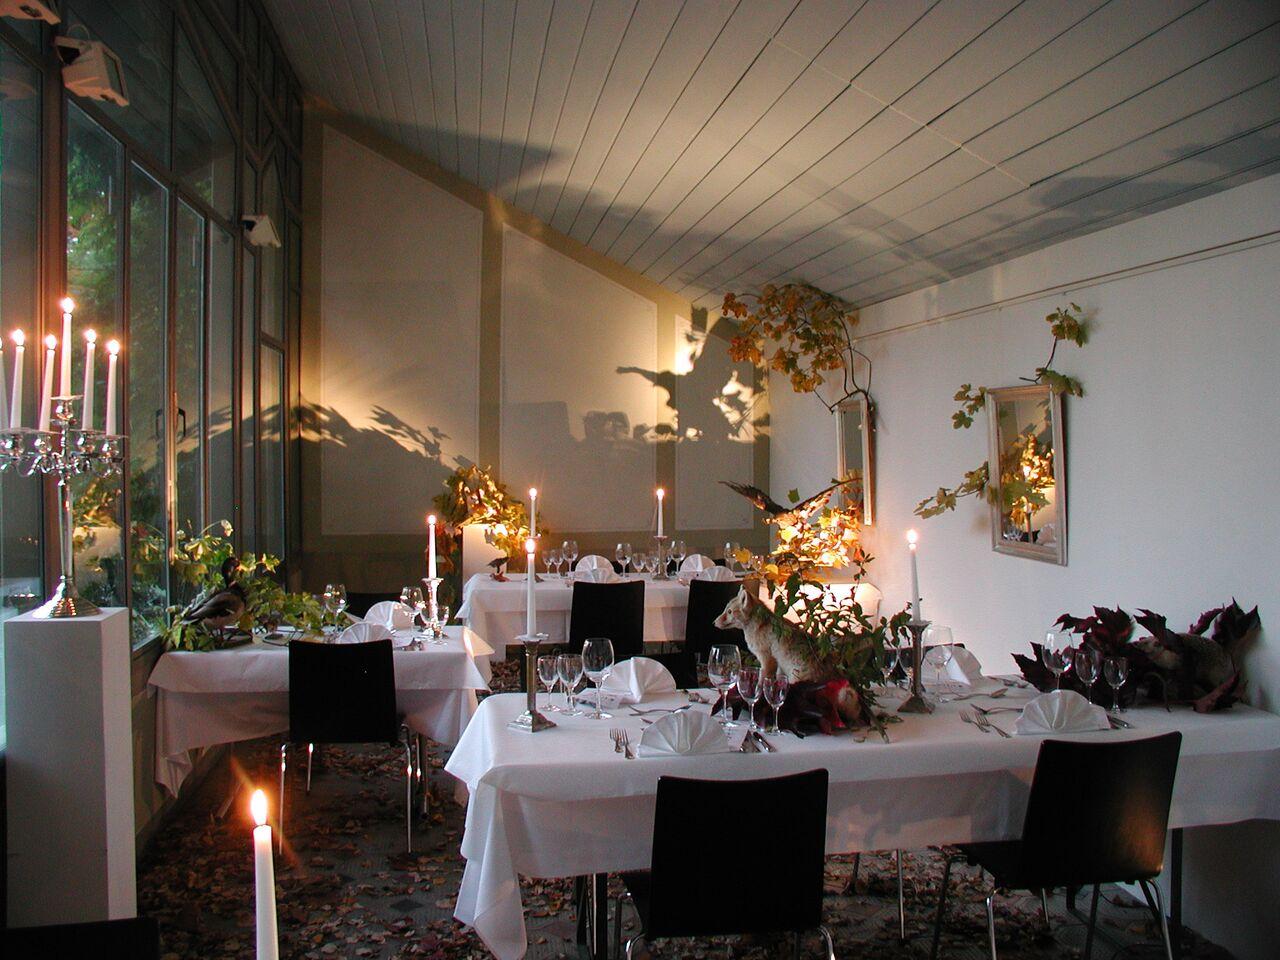 News - Central: Das Schloss Restaurant bietet saisonale und regionale Kost